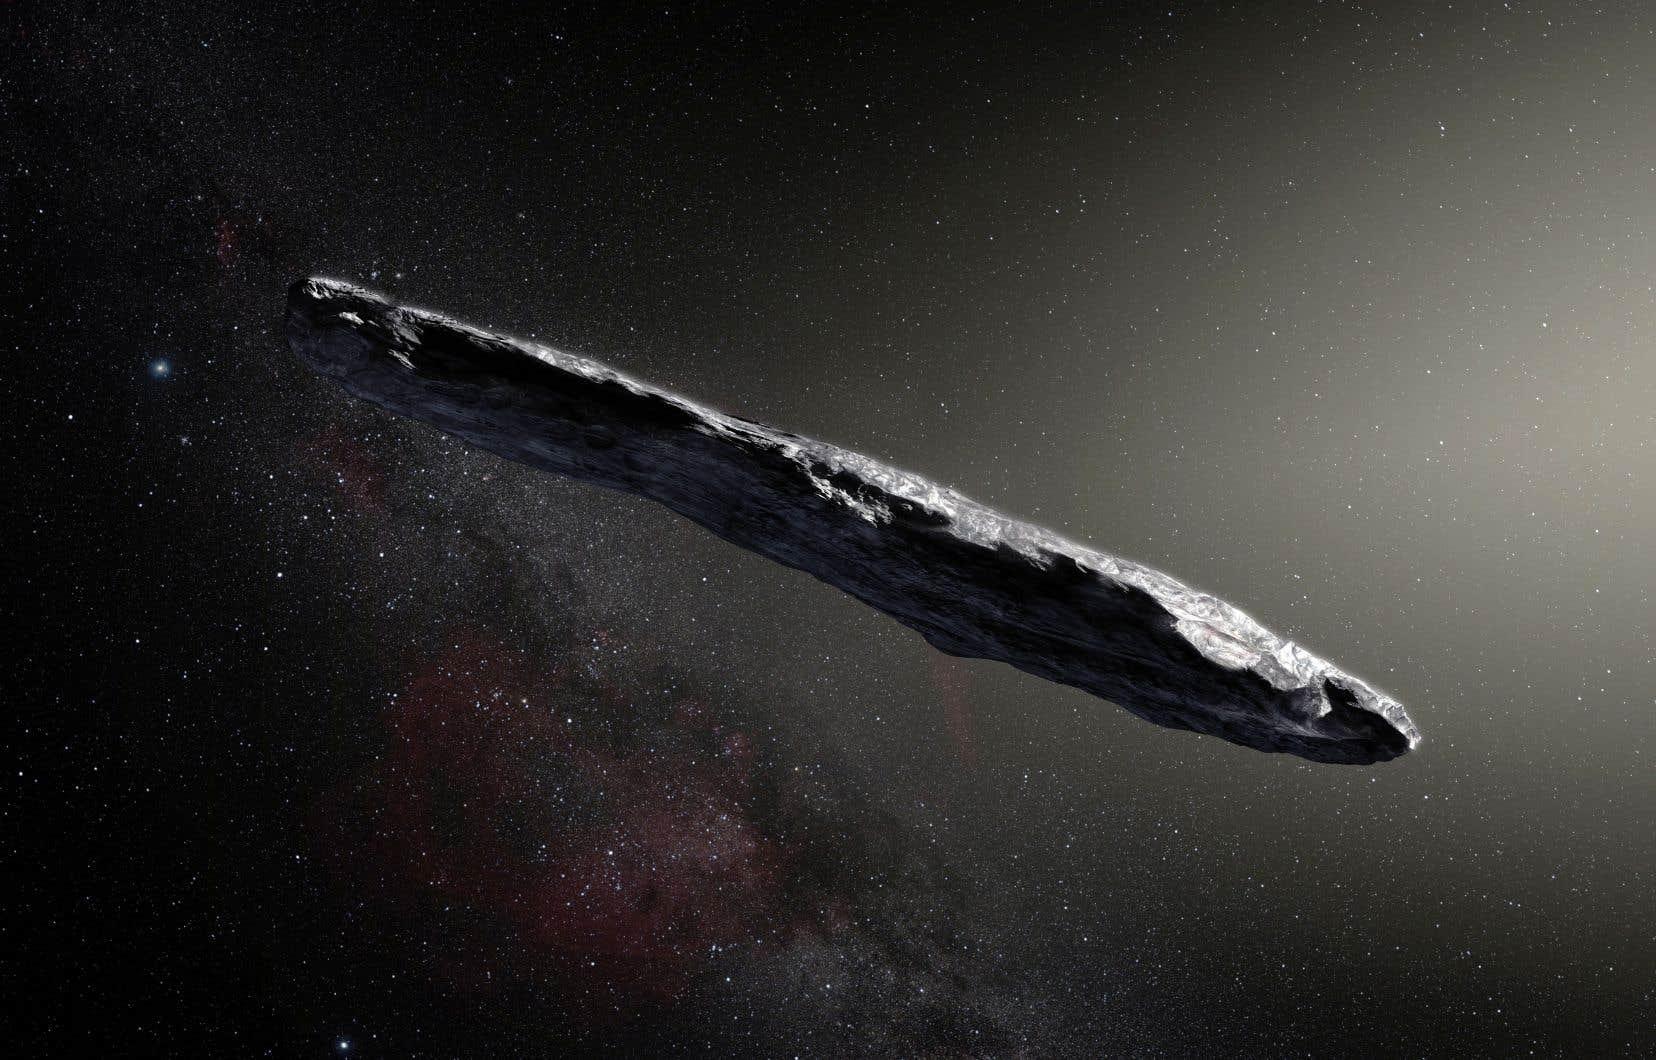 Rendu artistique de l'astéroïde «Oumuamua», qui est passé dans l'orbite de Mars vers le 1er novembre.